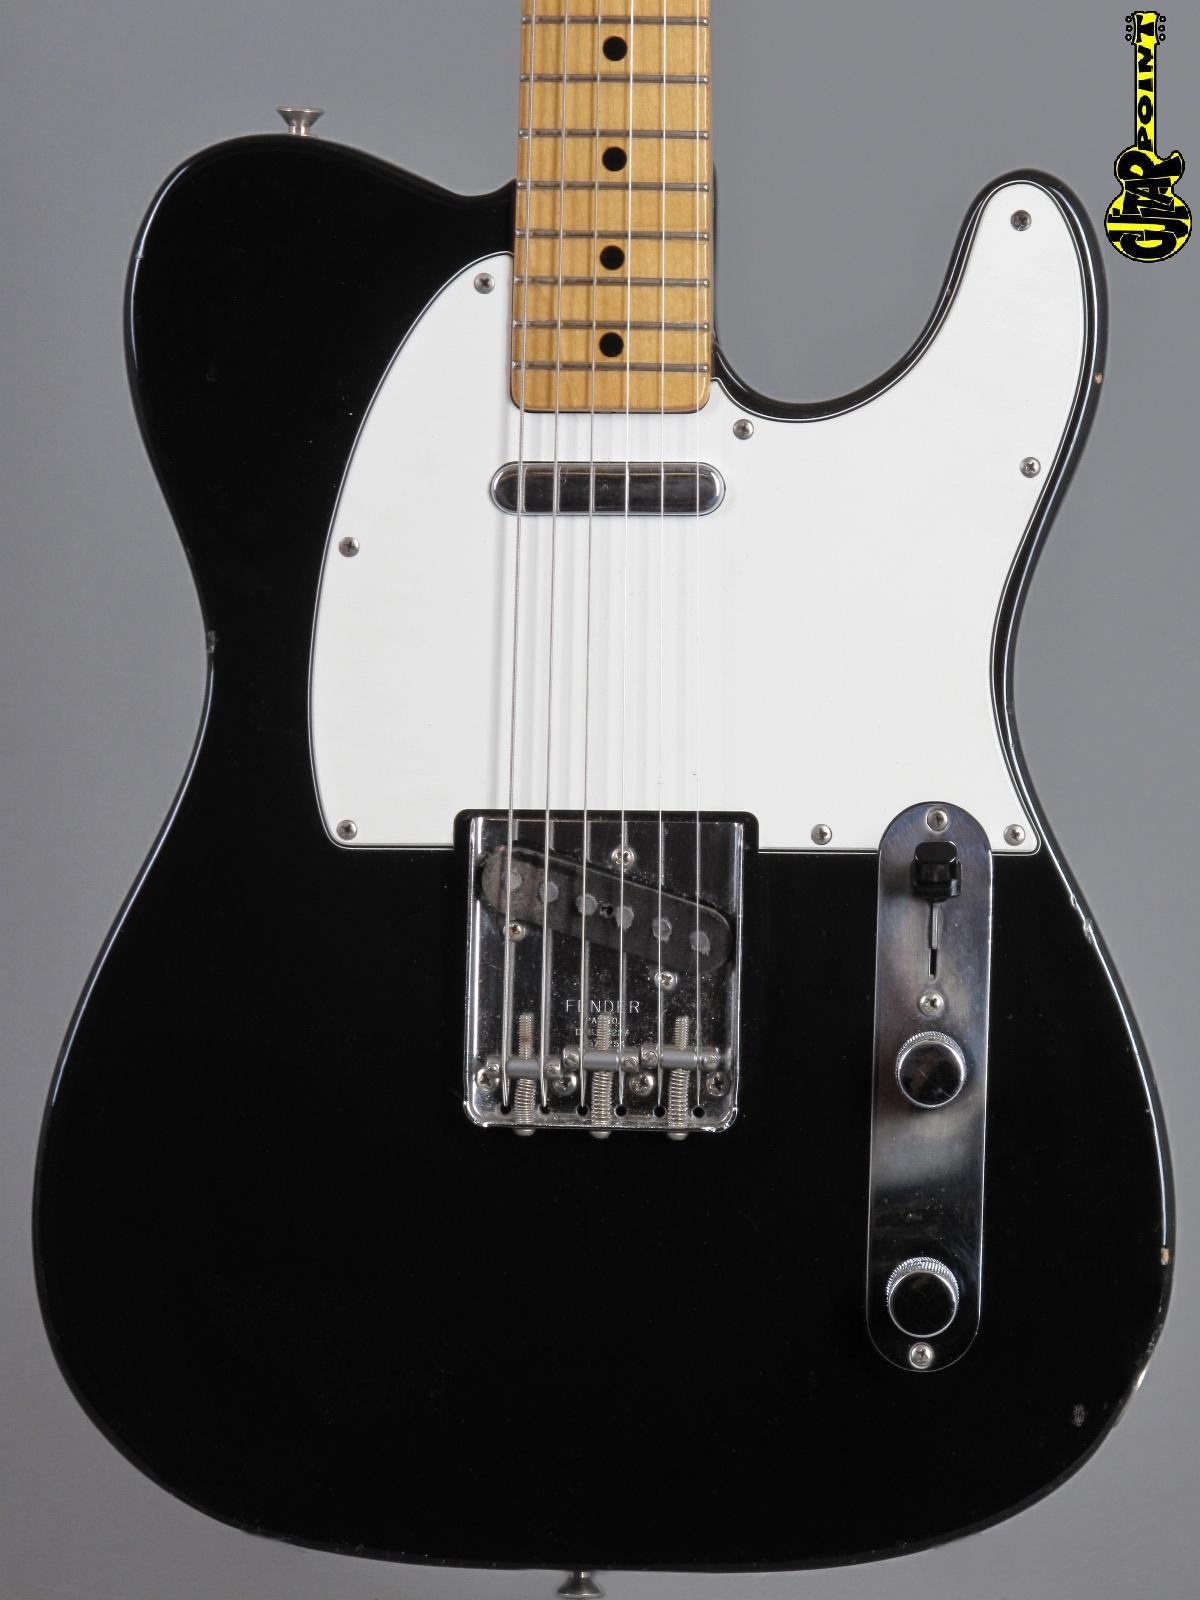 1972 Fender Telecaster - Black